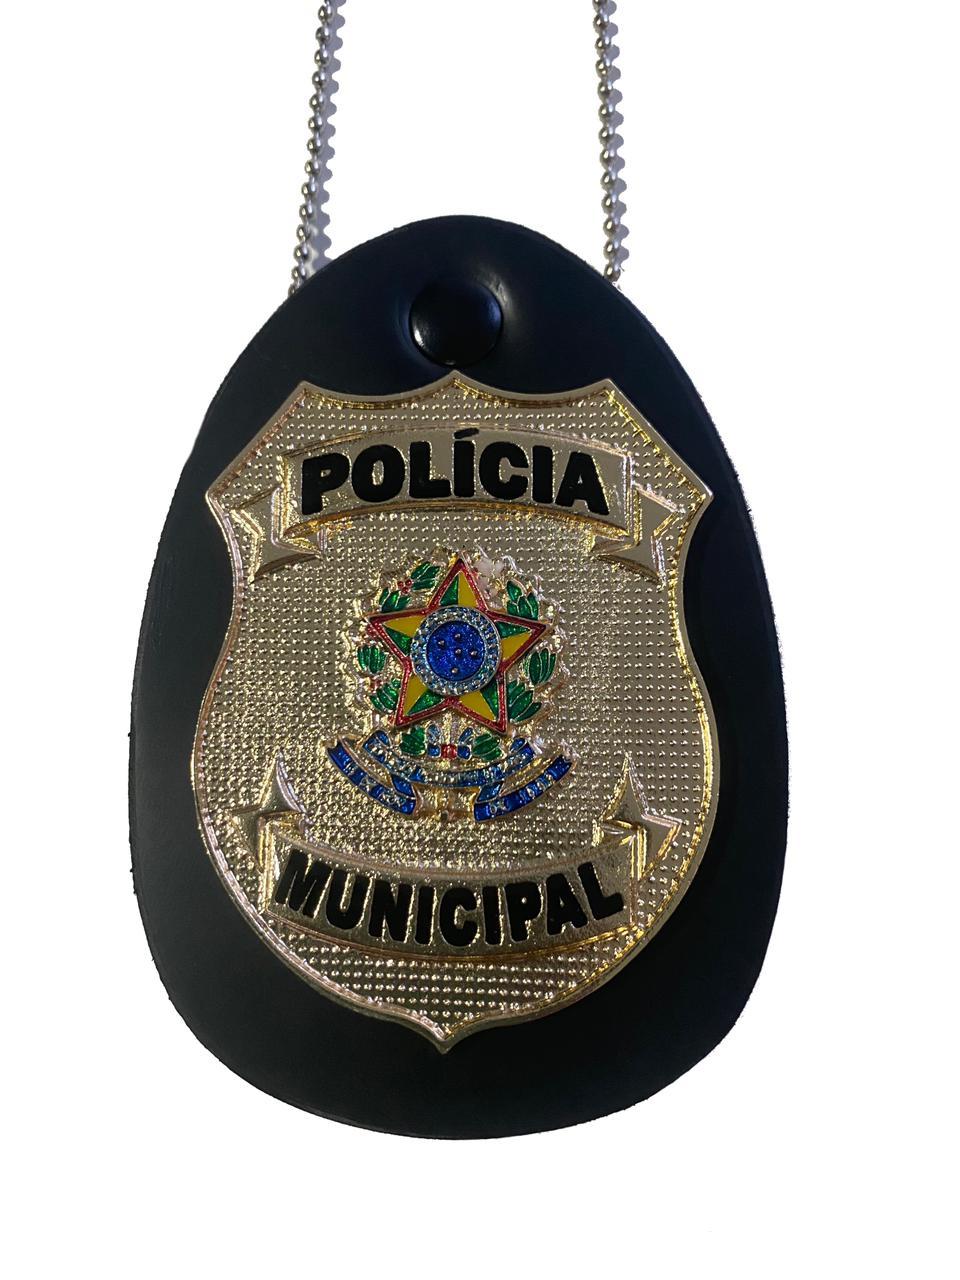 POLÍCIA MUNICIPAL NACIONAL - NOVO